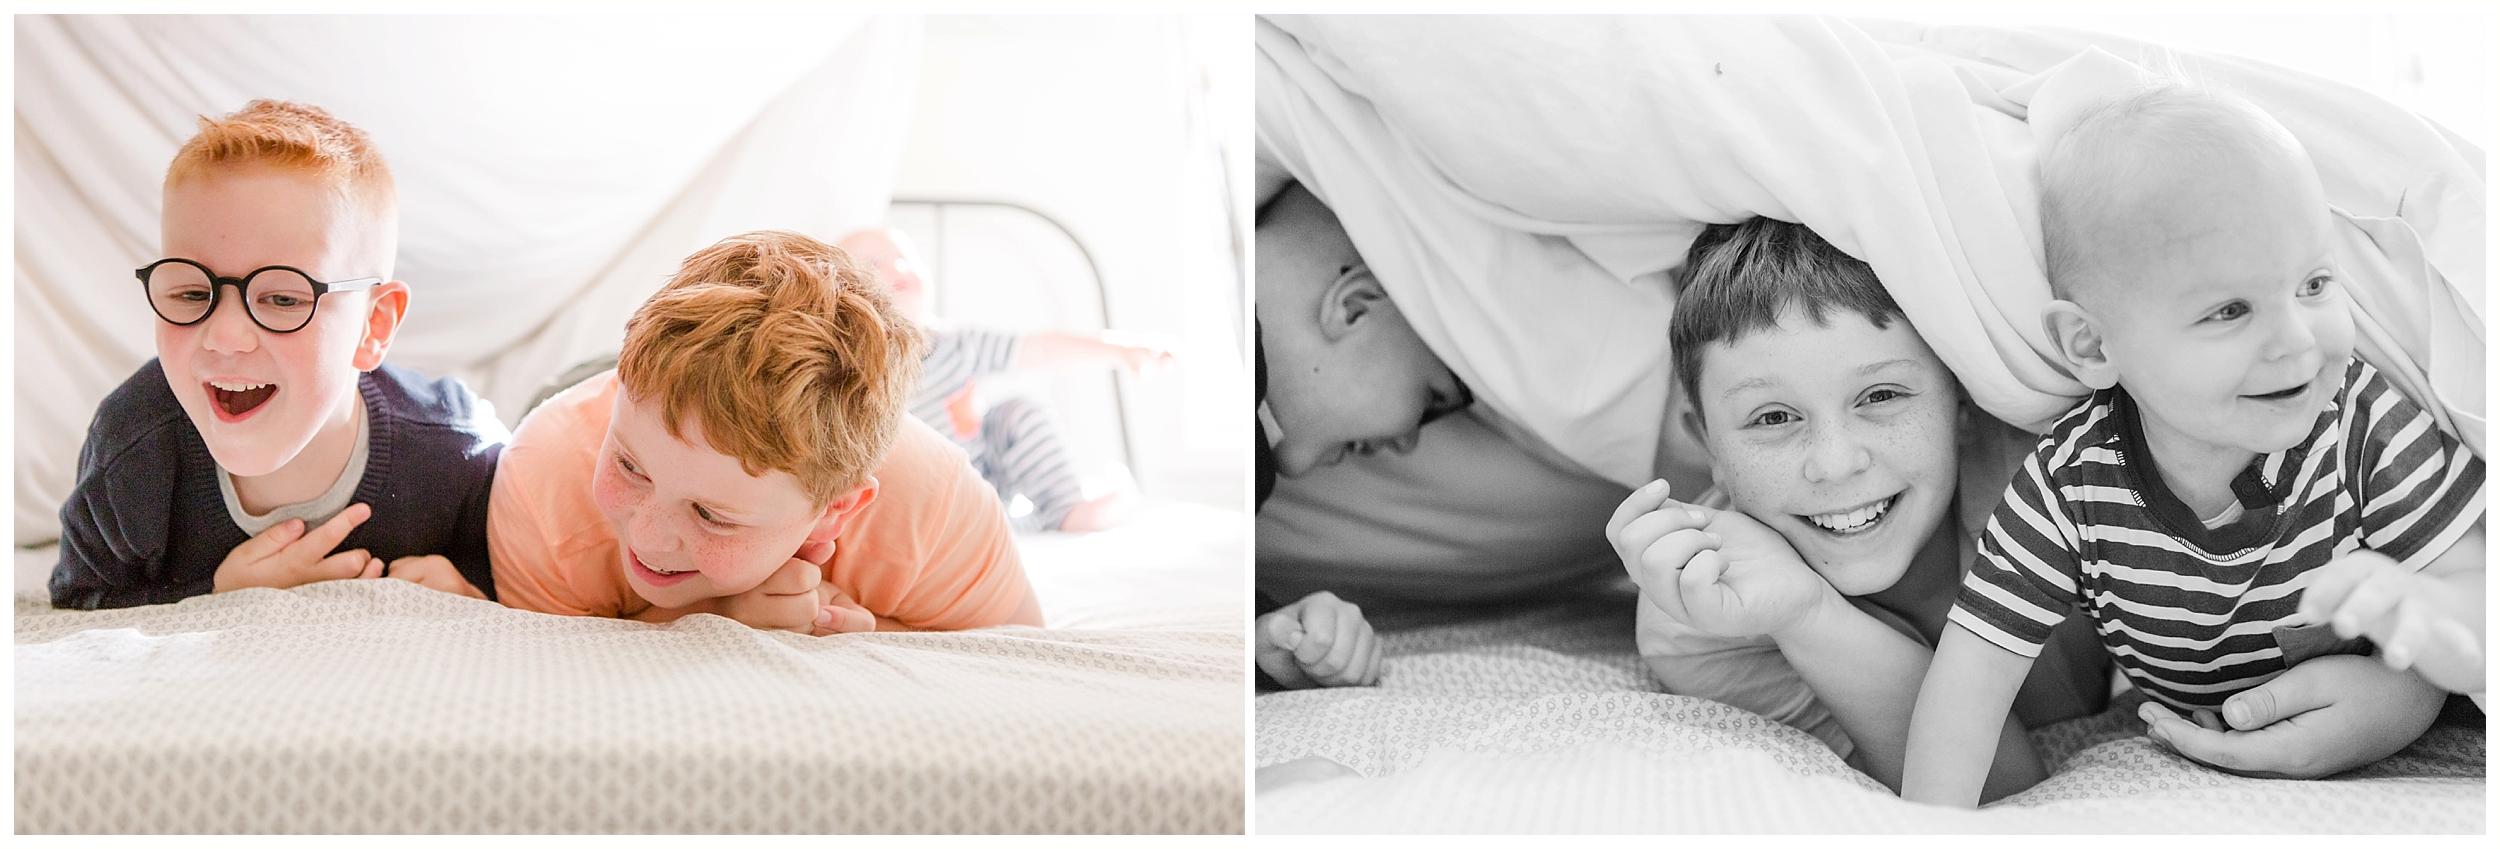 lexington-ky-family-lifestyle-photos-by-priscilla-baierlein_0120.jpg